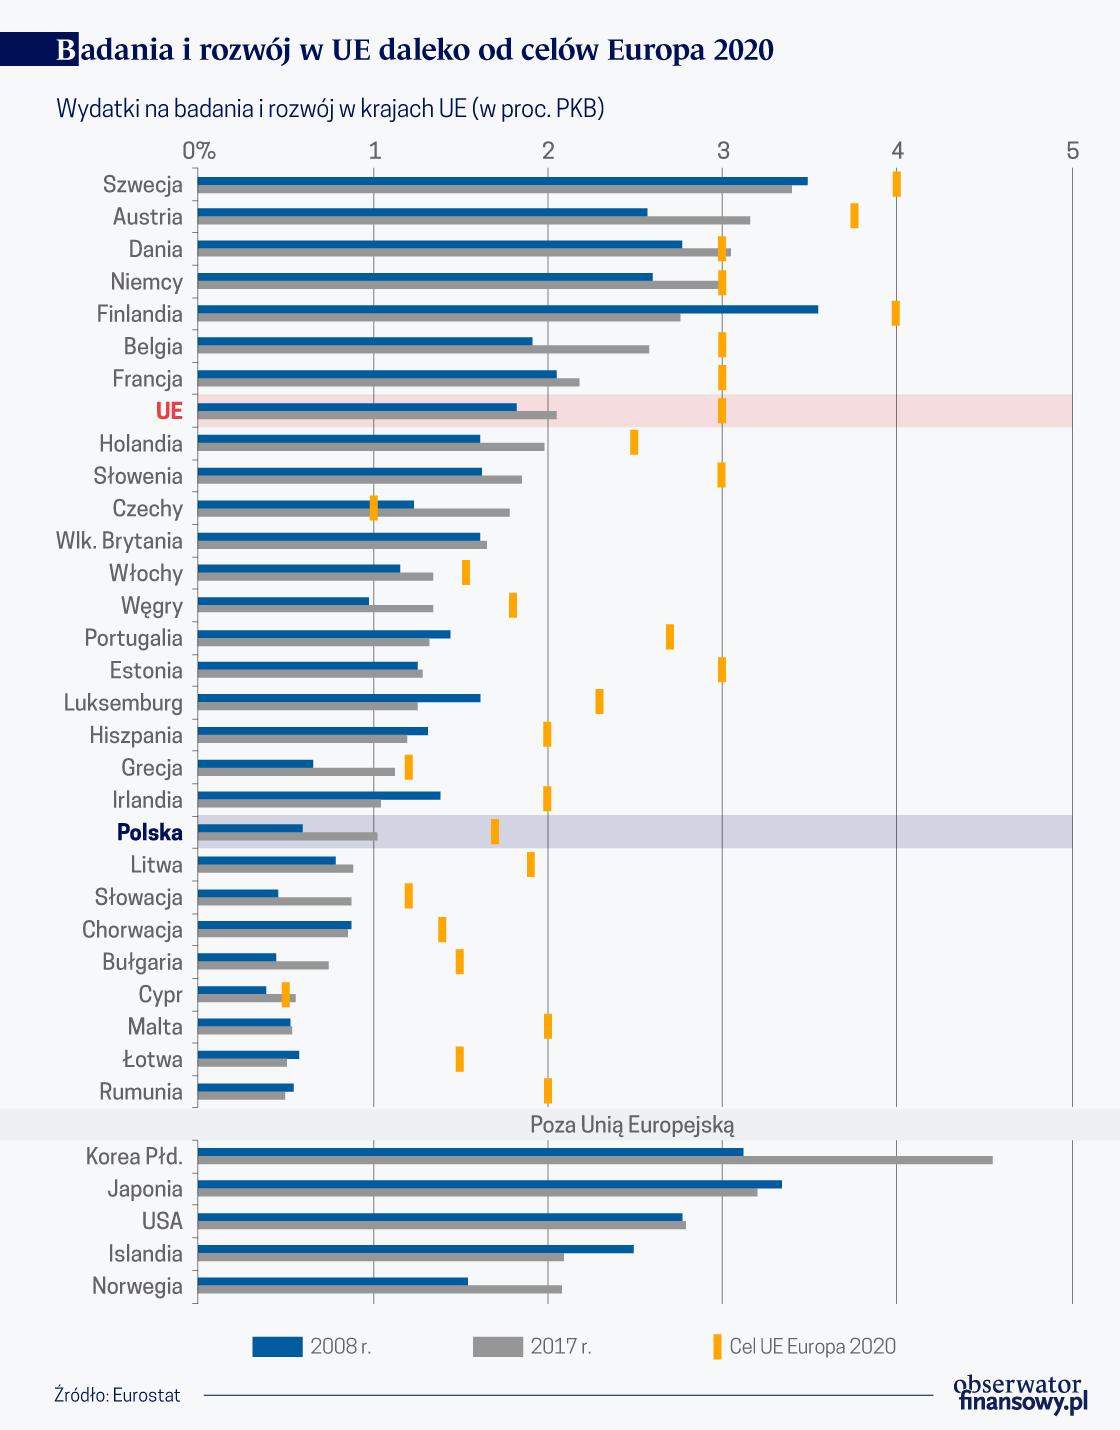 Badania i rozwoj w UE daleko od celow Europa2020